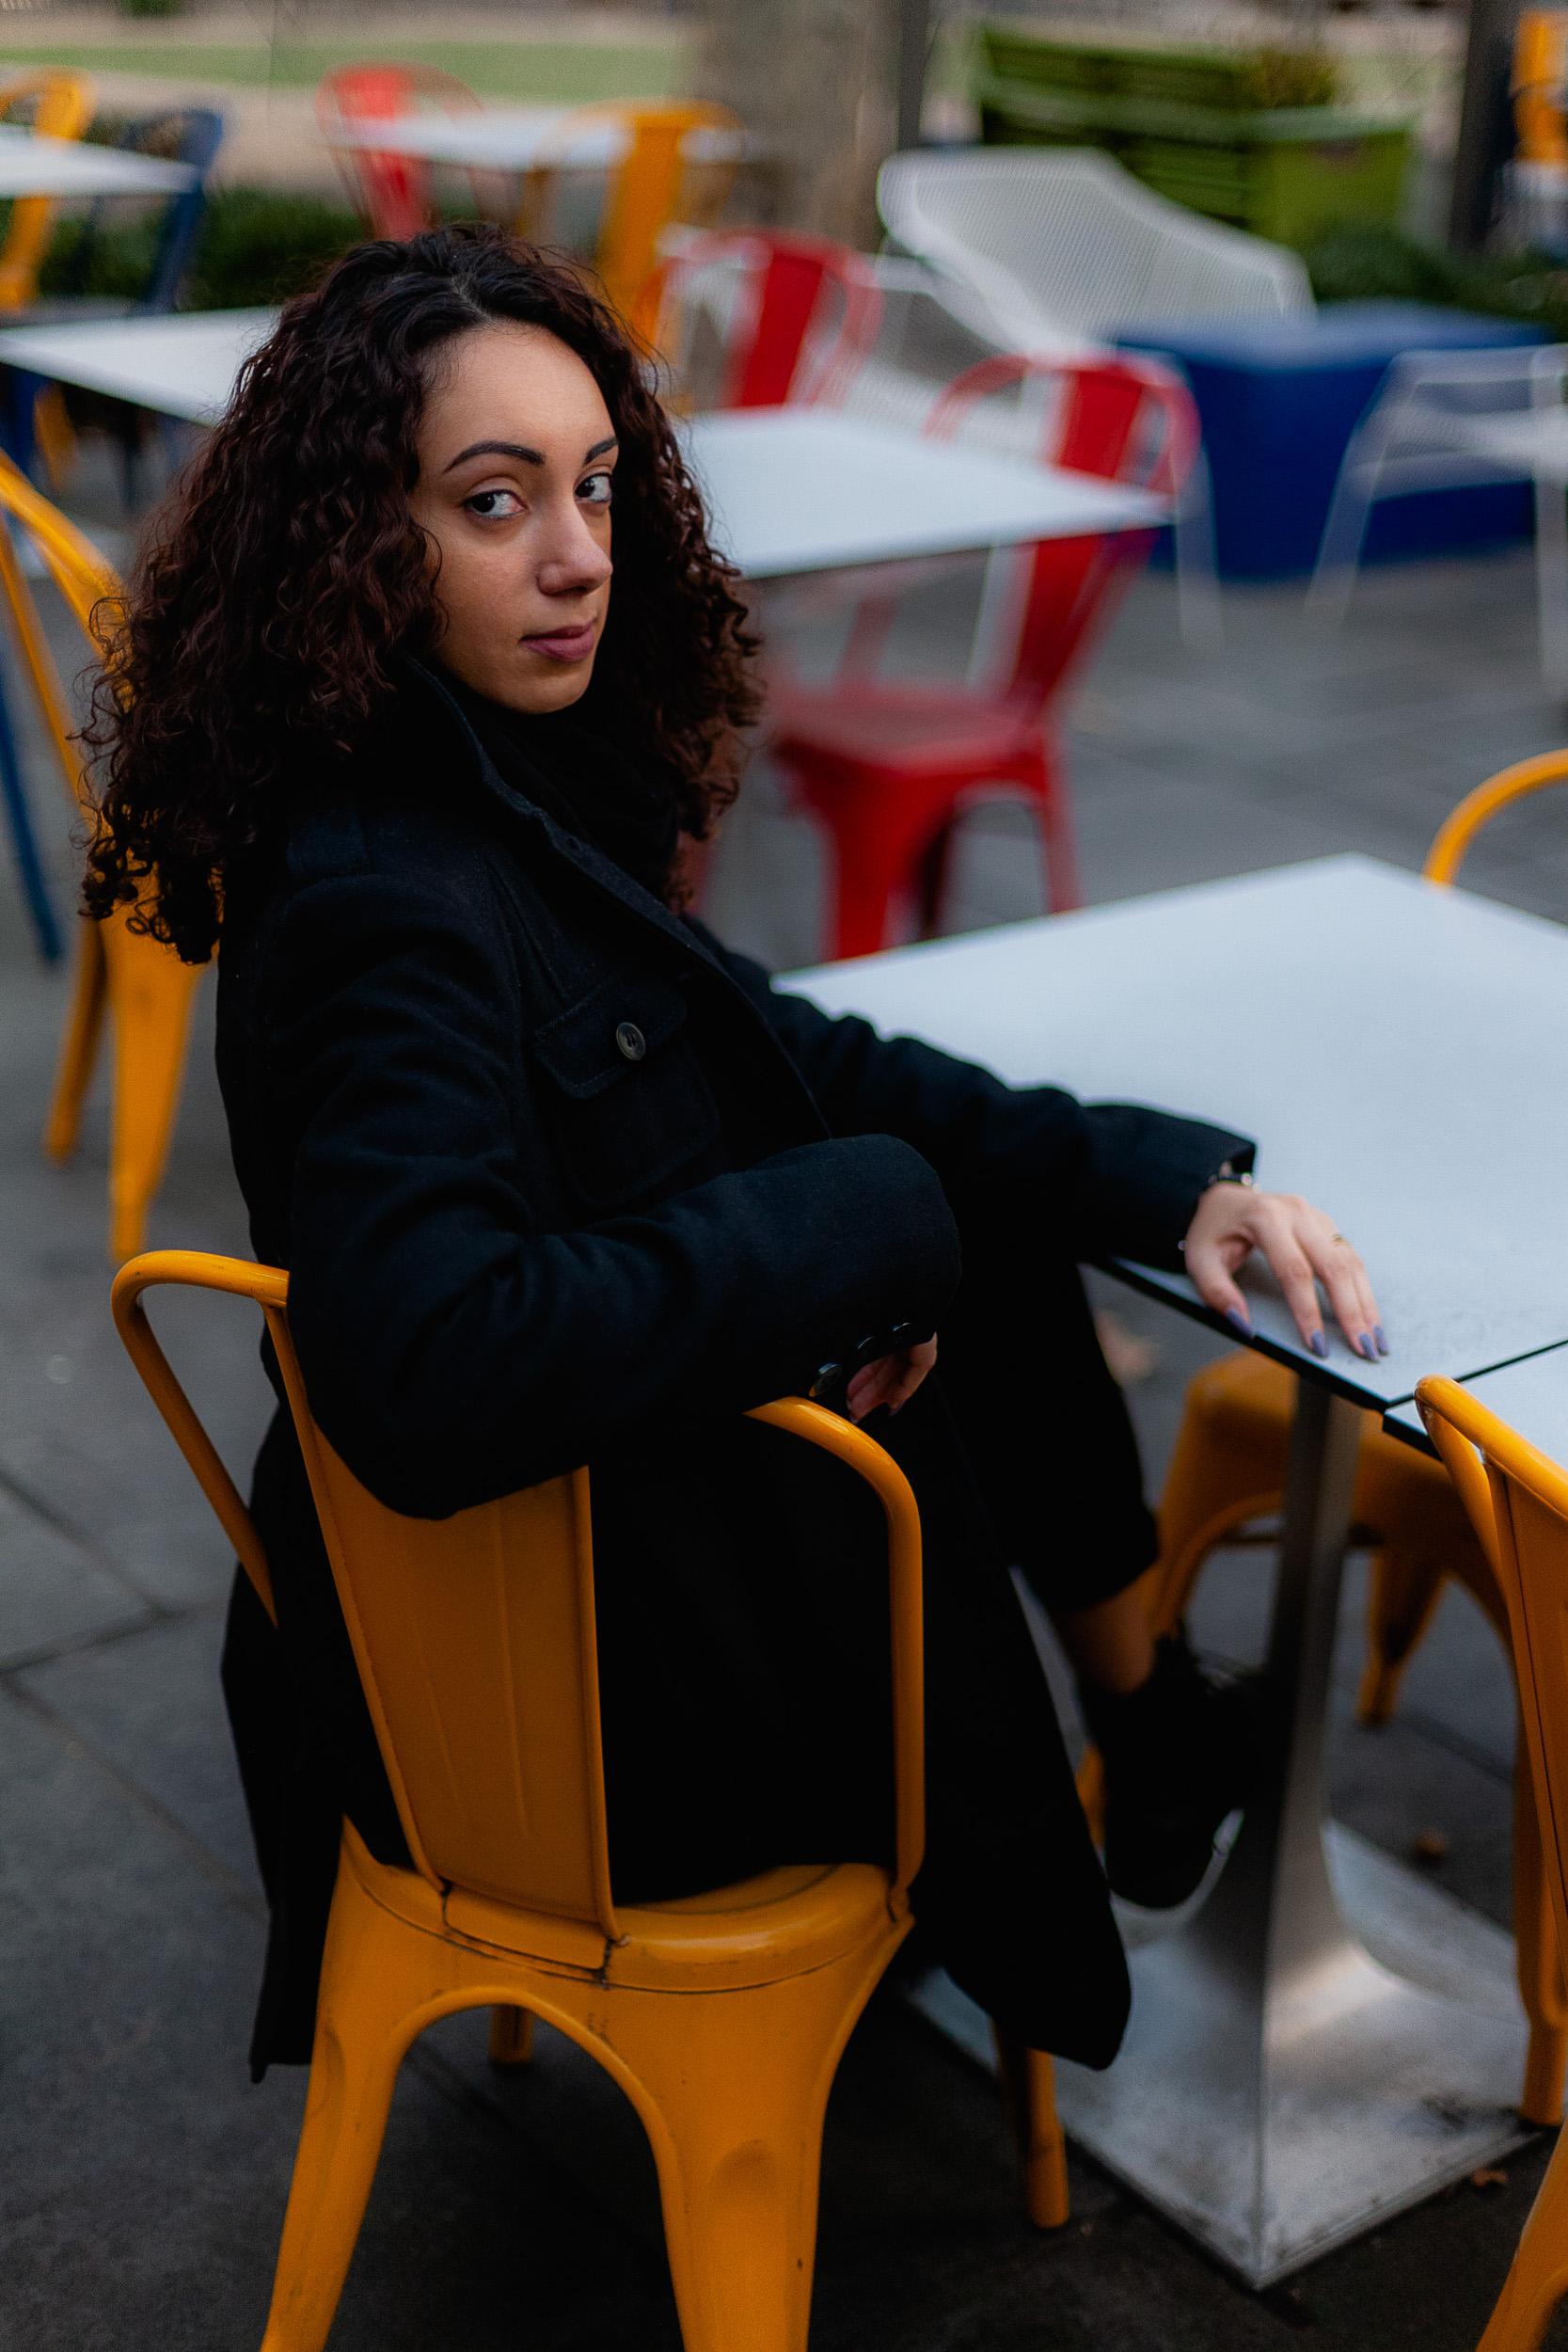 020319-street-portraits-lisette-melendez-162.jpg